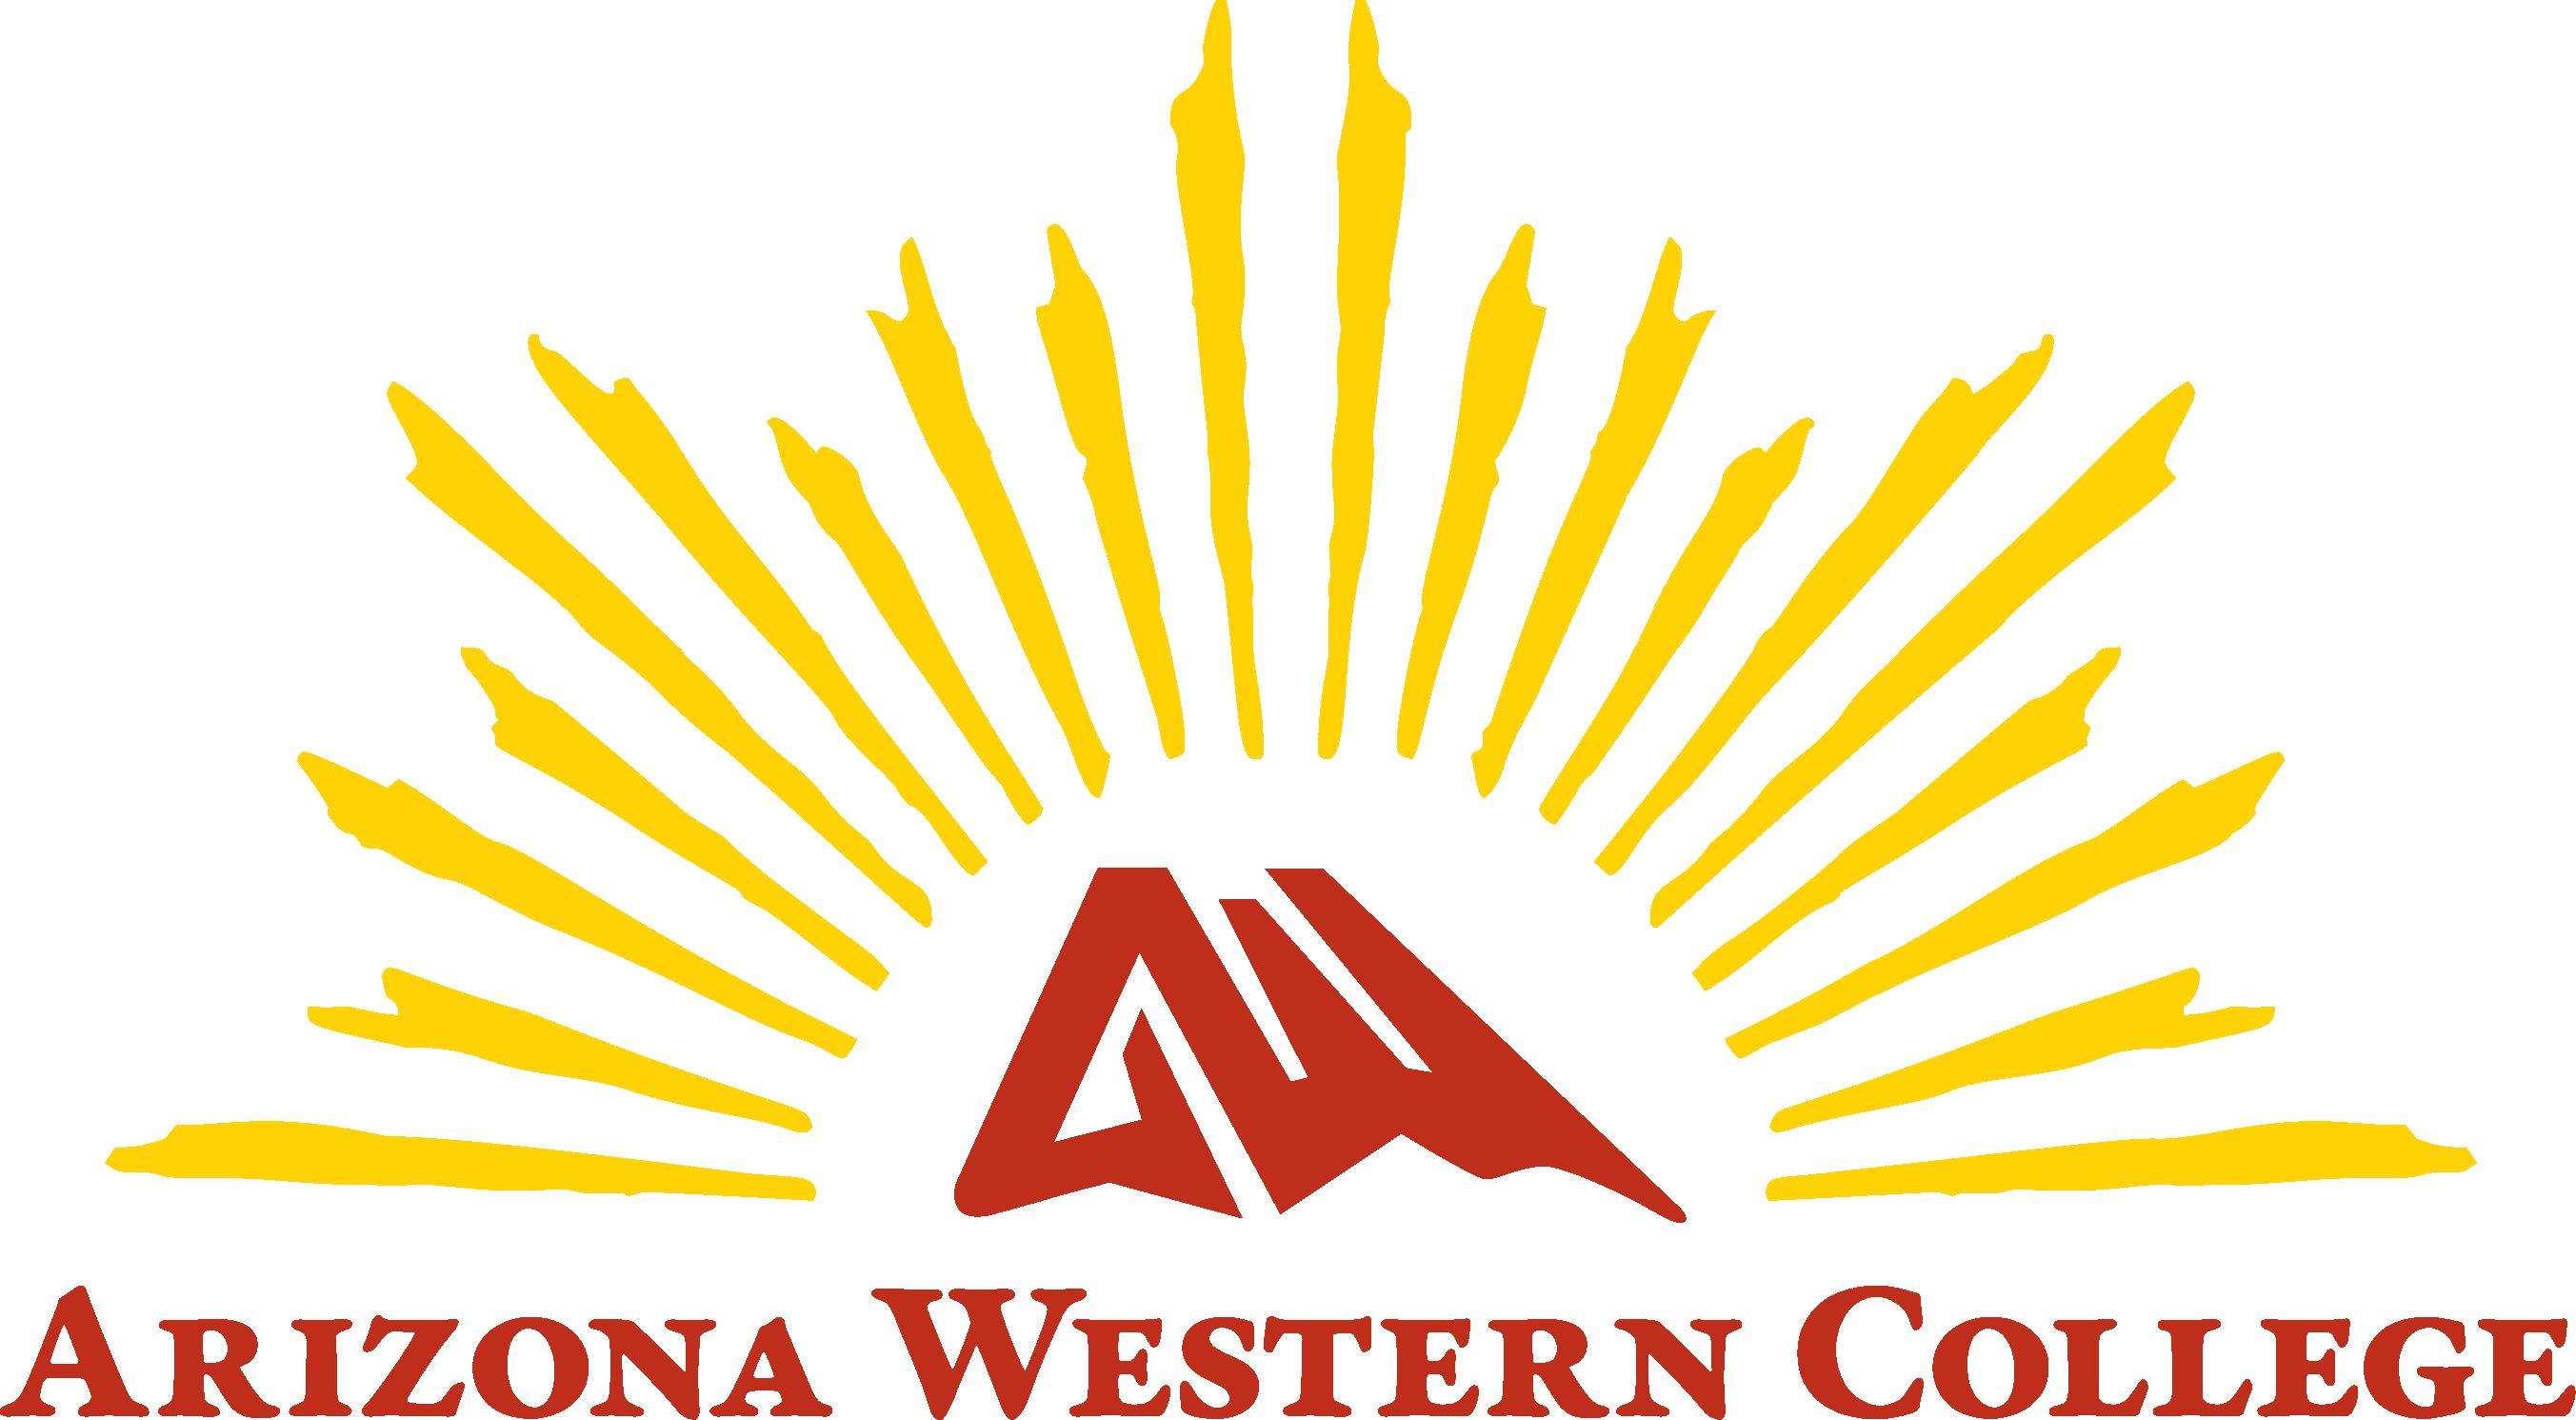 Arizona Western